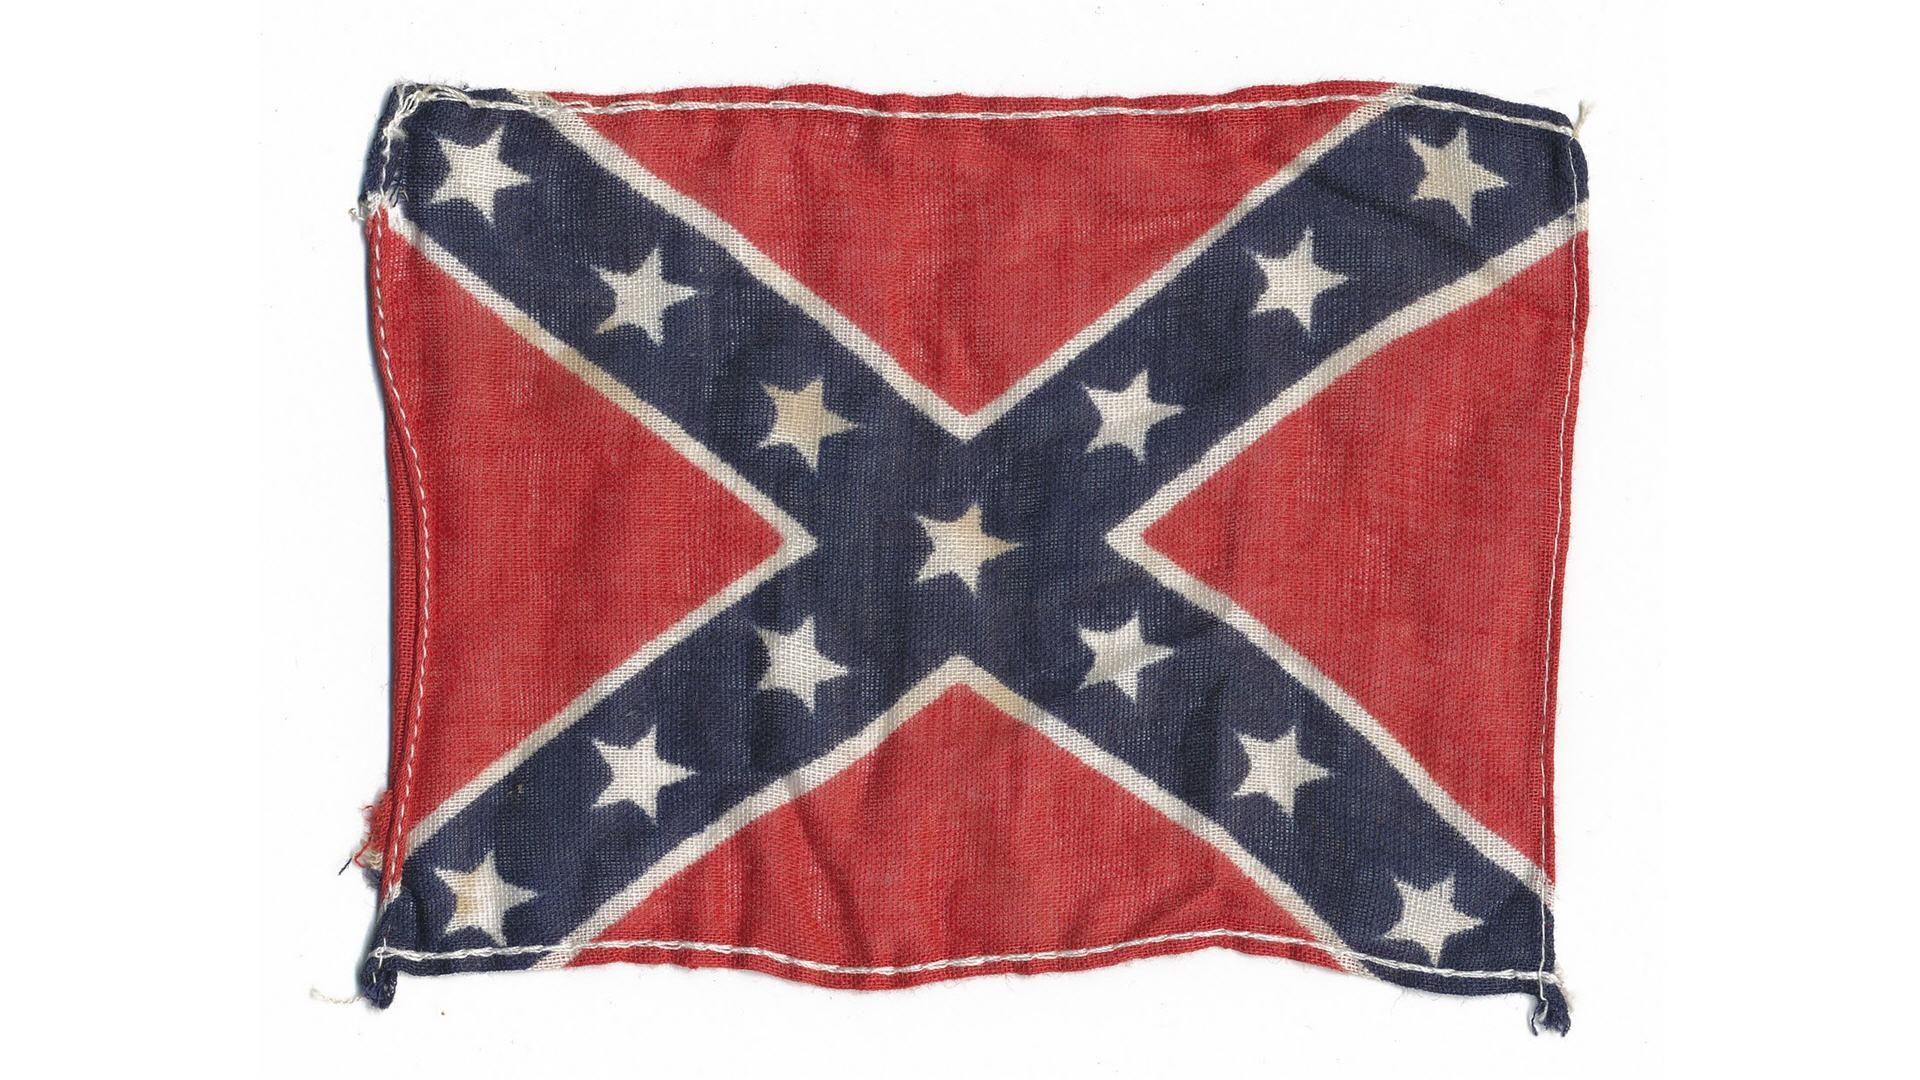 Cool Confederate Flag Wallpaper HD 1920x1080 6327 1920x1080